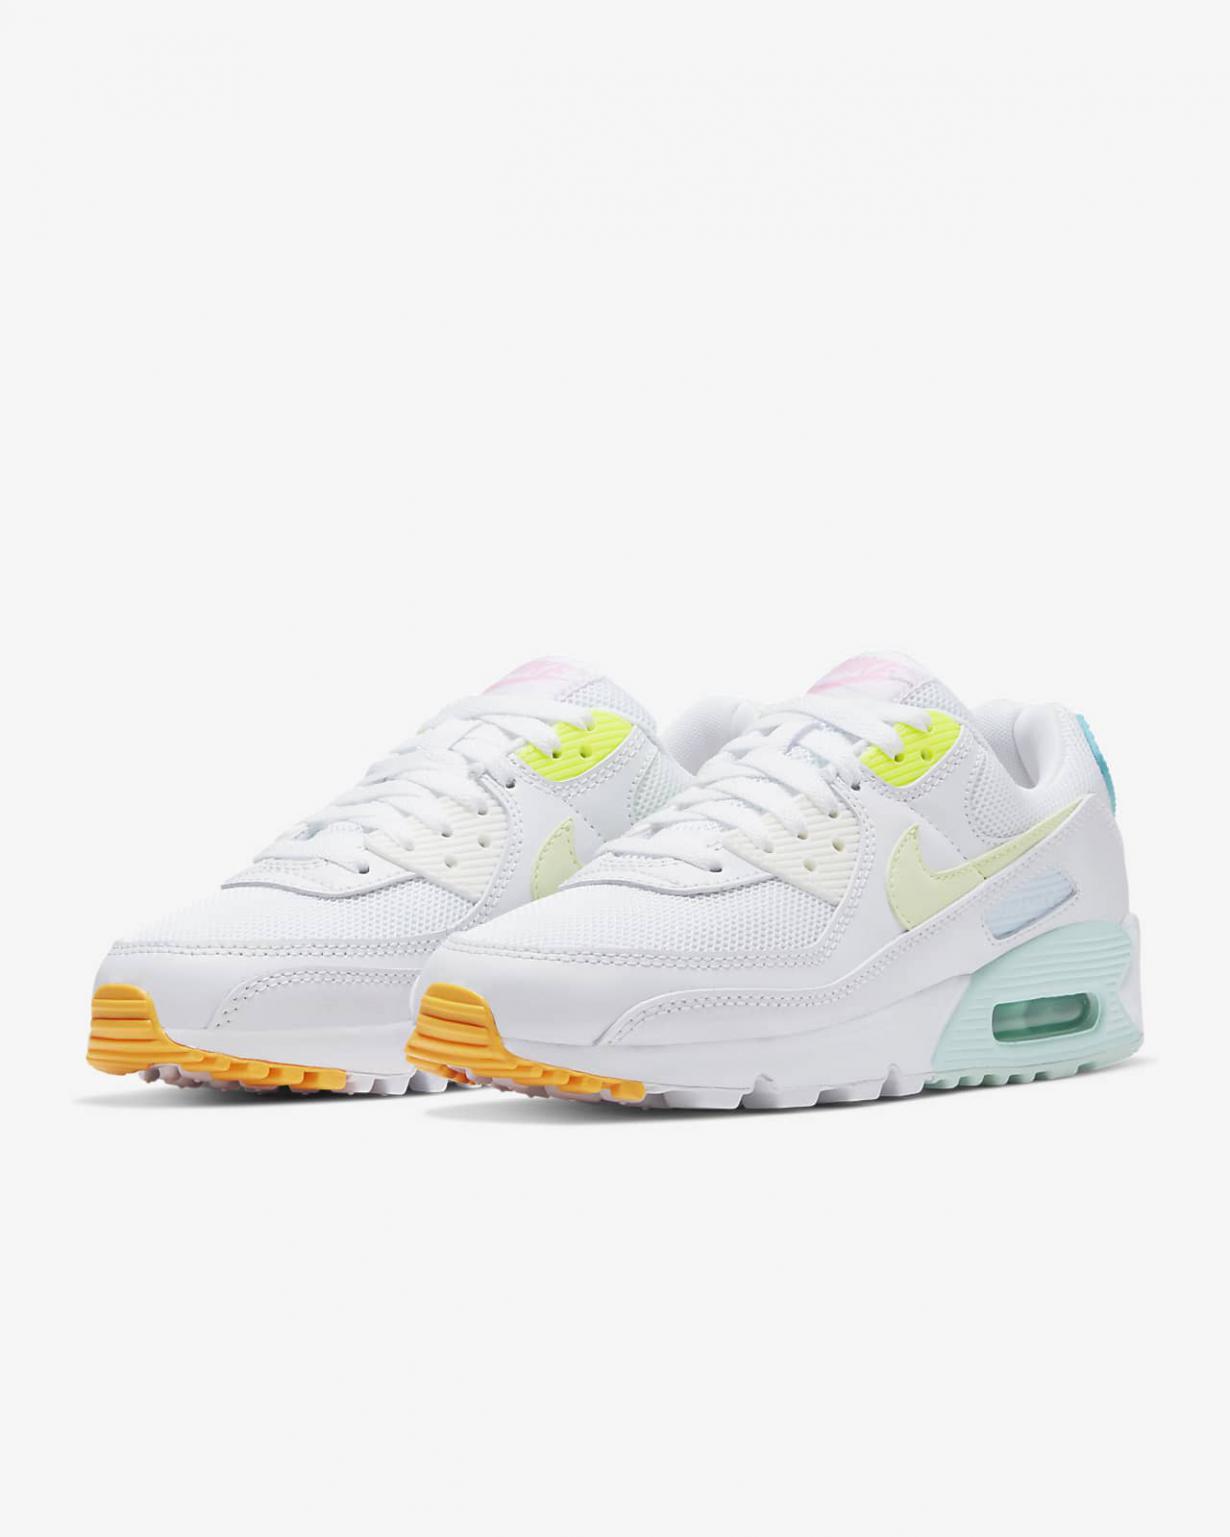 Lifestyle Femme   Air Max 90 Blanc/Vert aurore/Volt/Jaune pâle électrique   Nike < Gooddaytricities